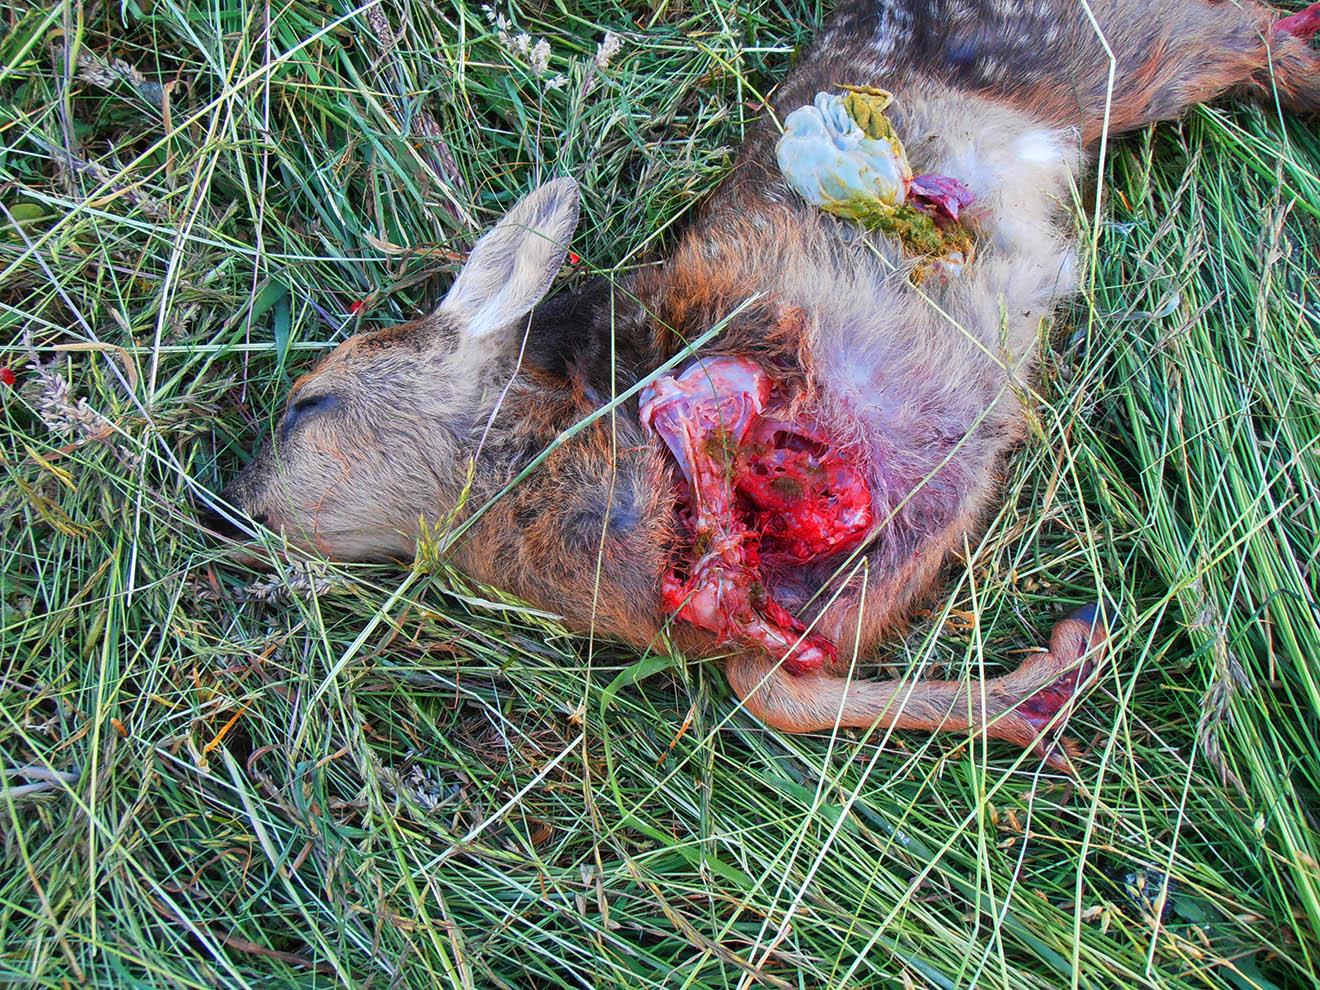 Mähtod: Deshalb sind Mähdrescher eine Gefahr für Rehkitze